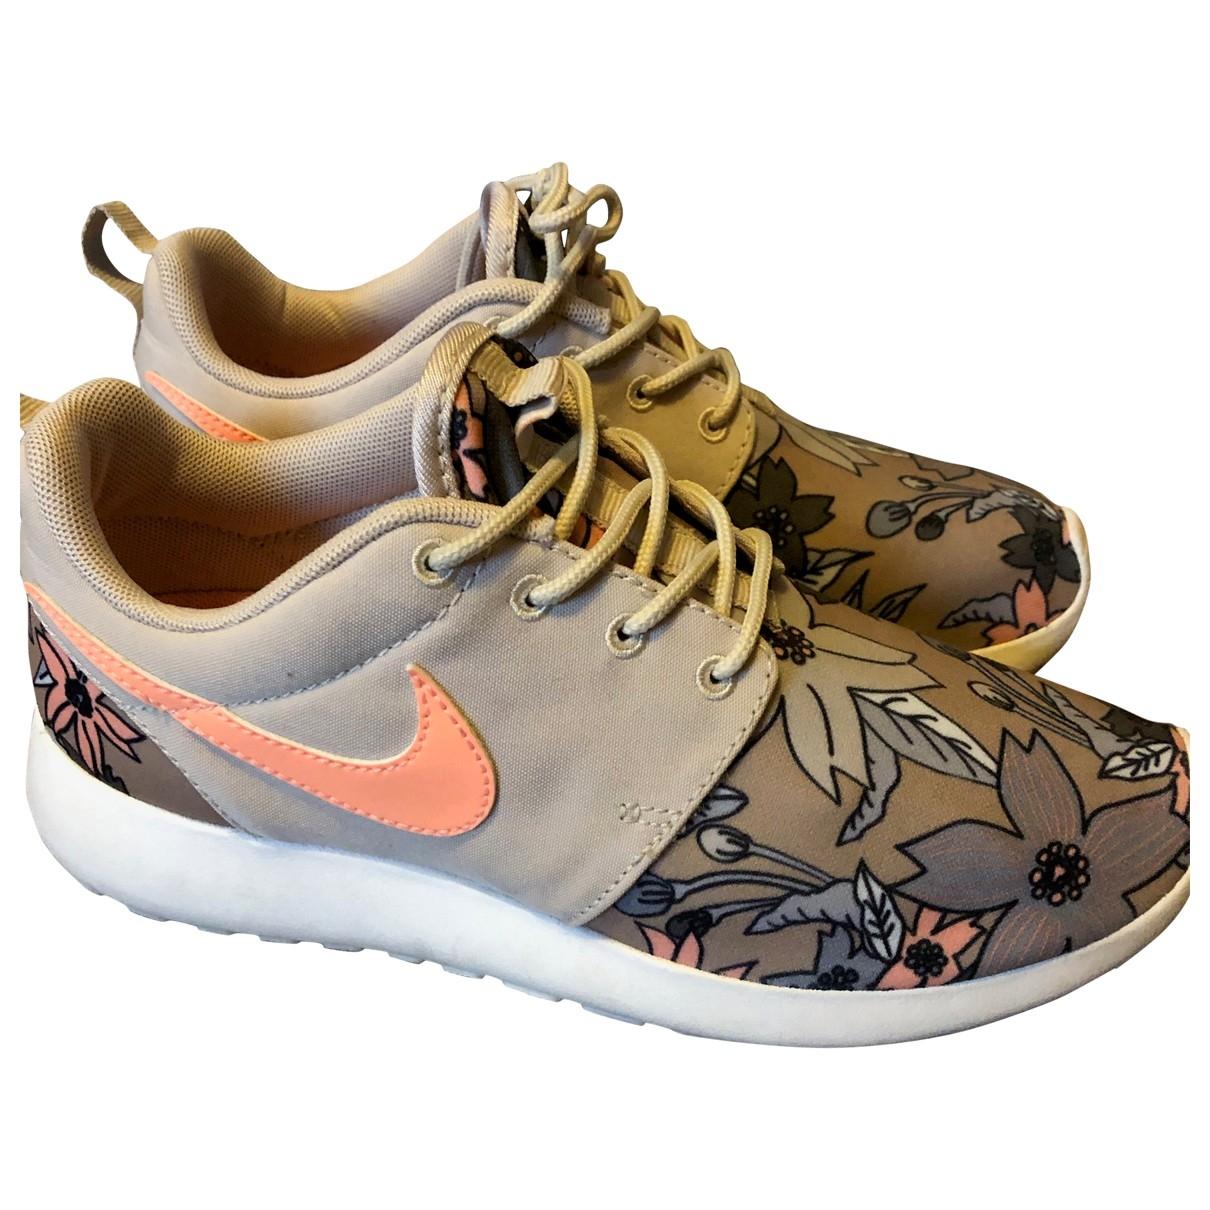 Nike - Baskets Roshe Run pour femme - beige